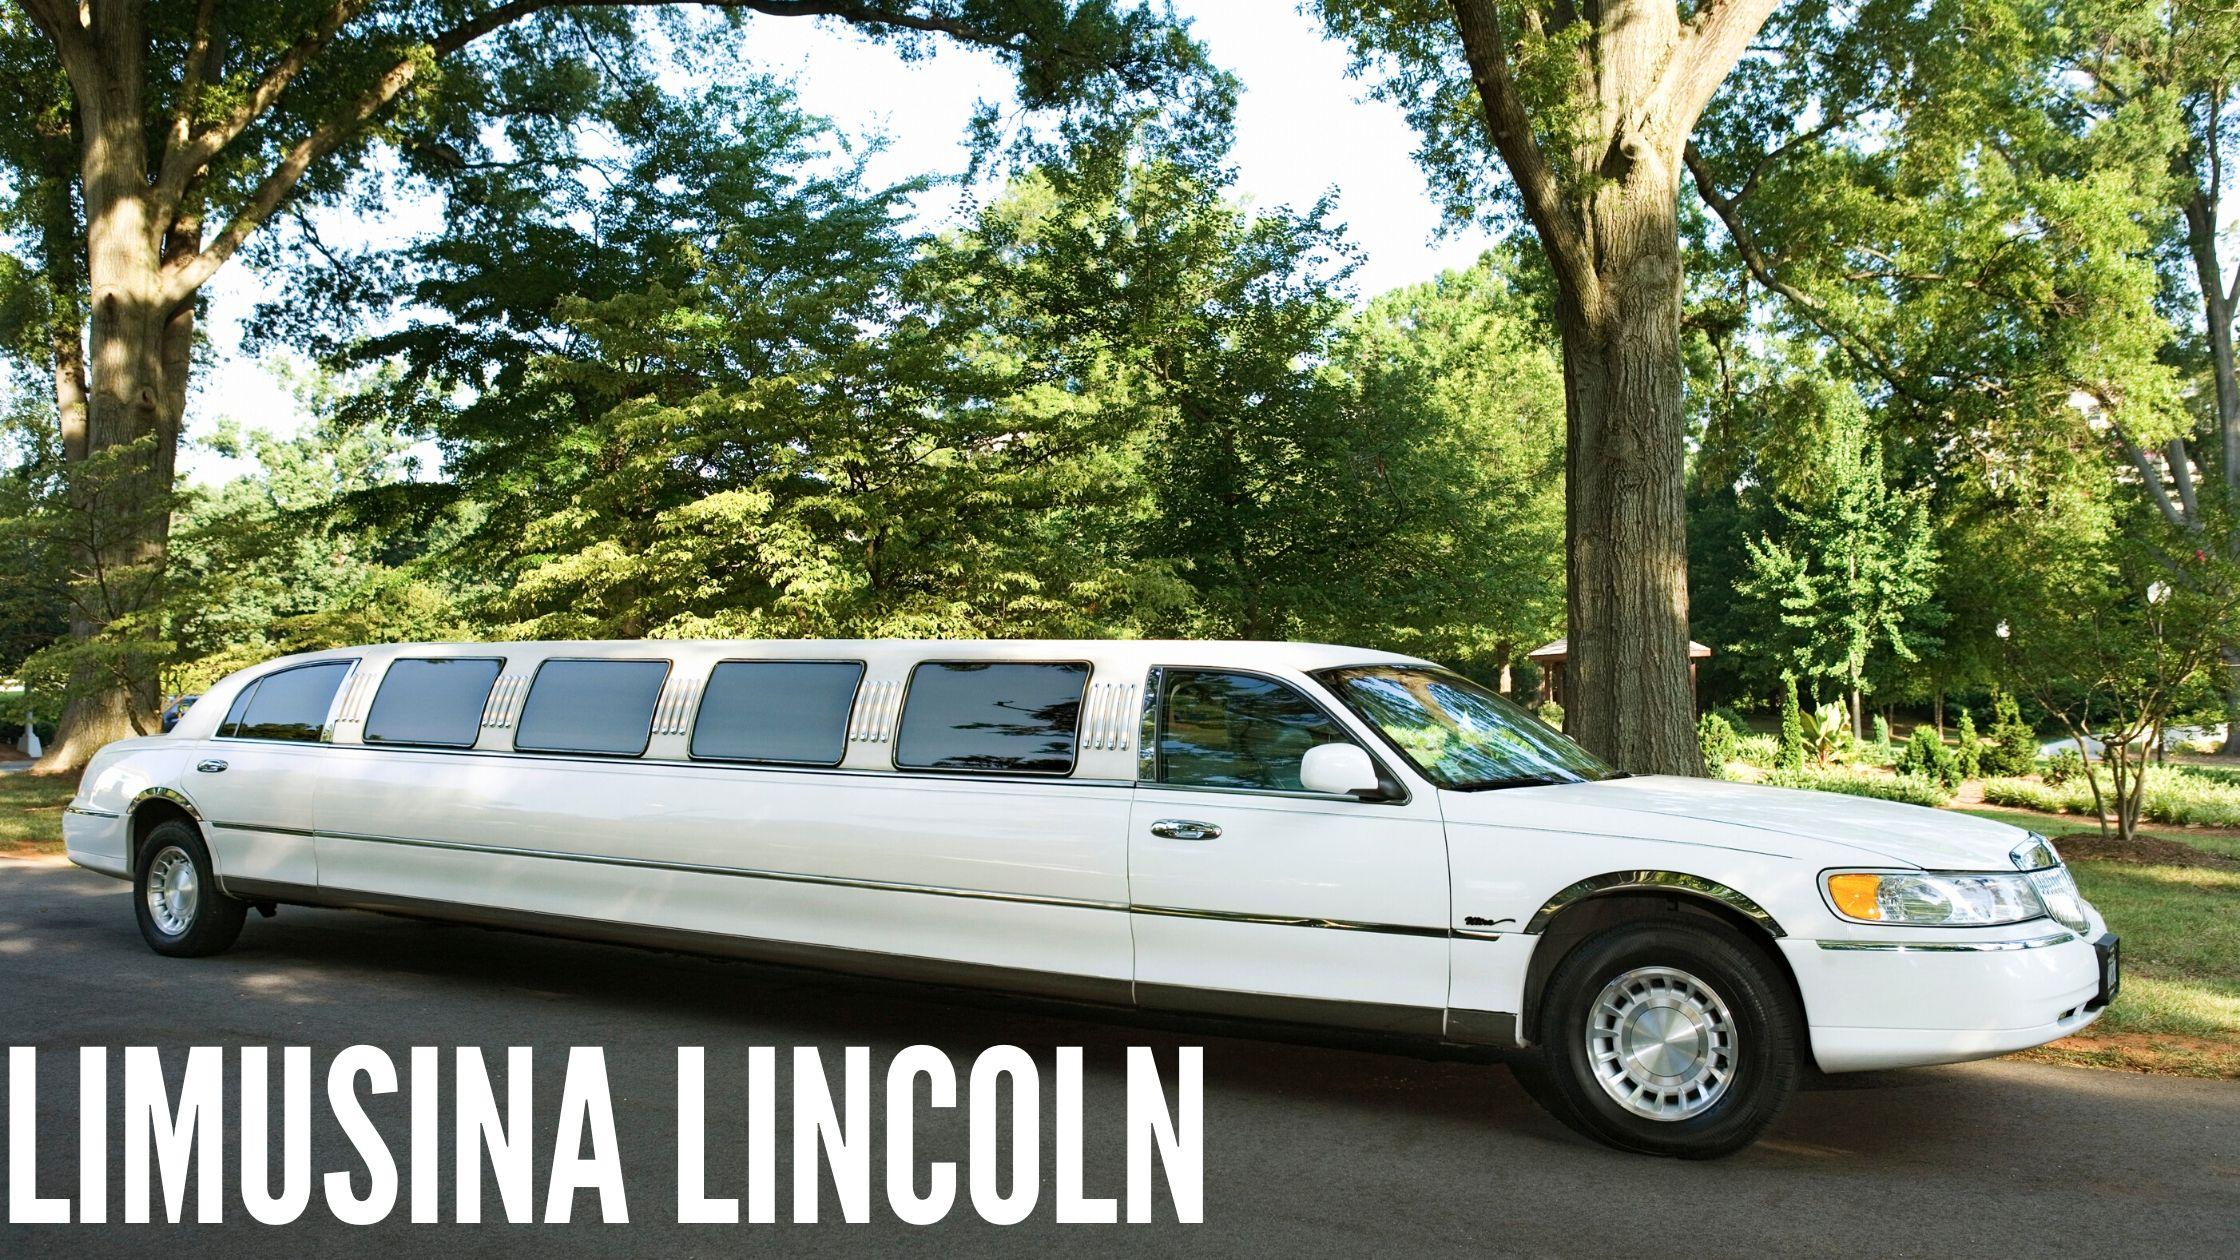 Limusina Lincoln